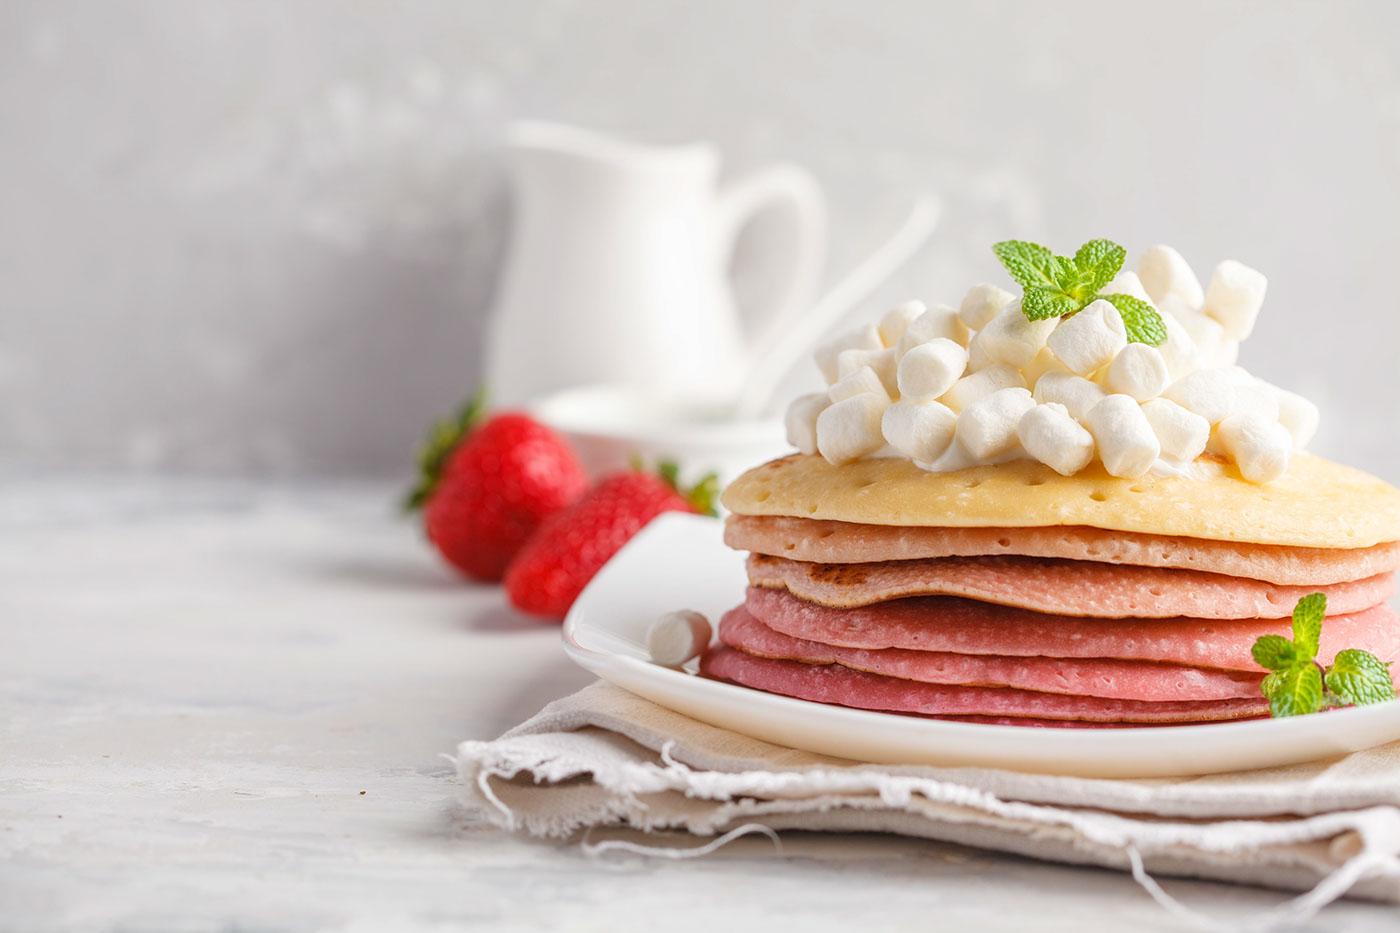 Вкусный сладкий завтрак / фото Нина Фирсова